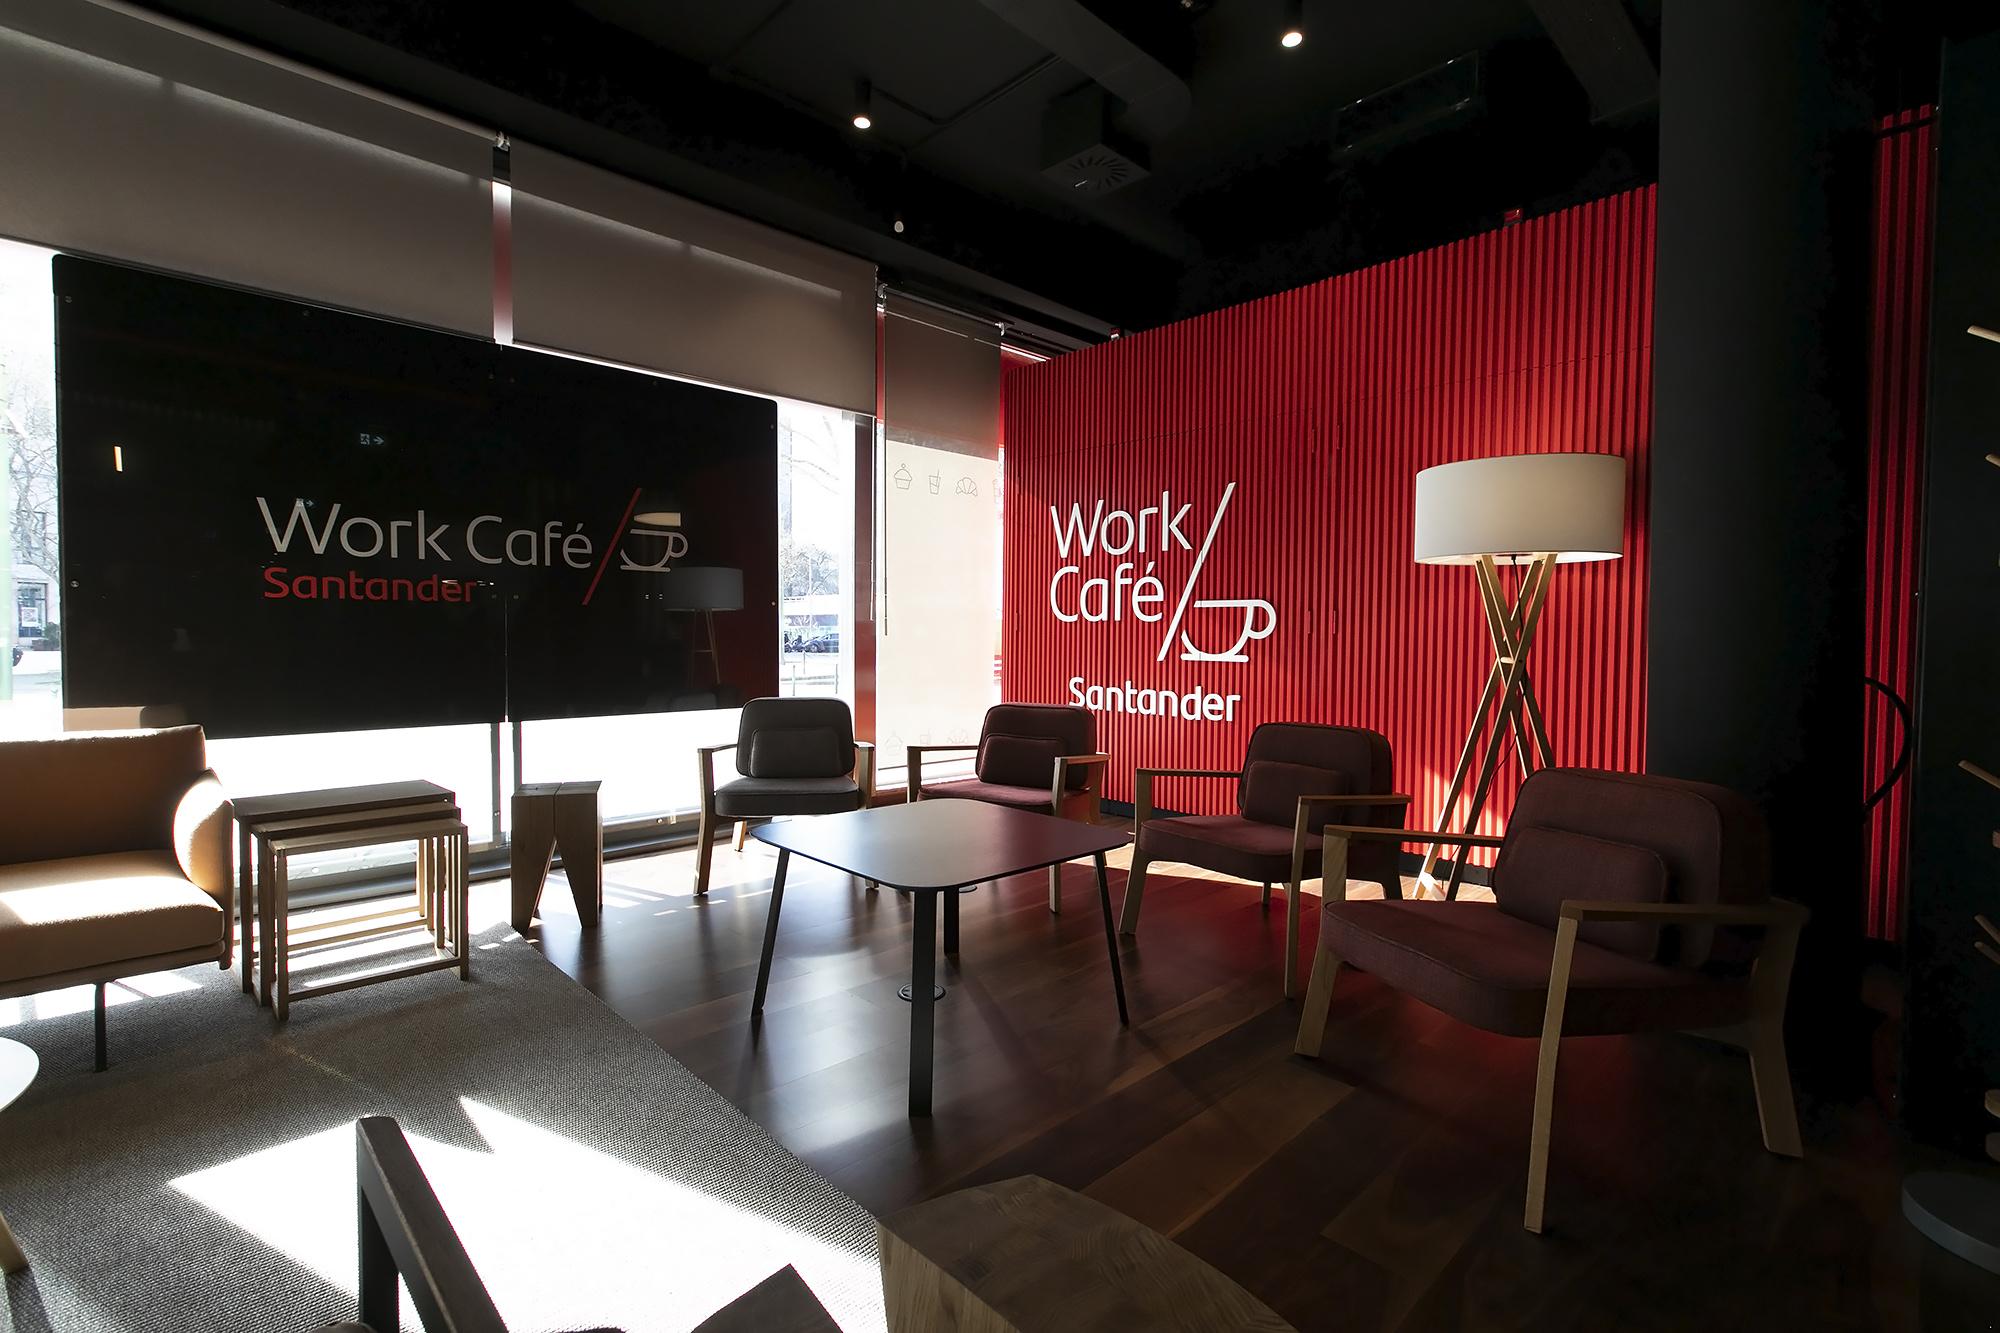 Apresentação do Santander Work Café - 12MAR19